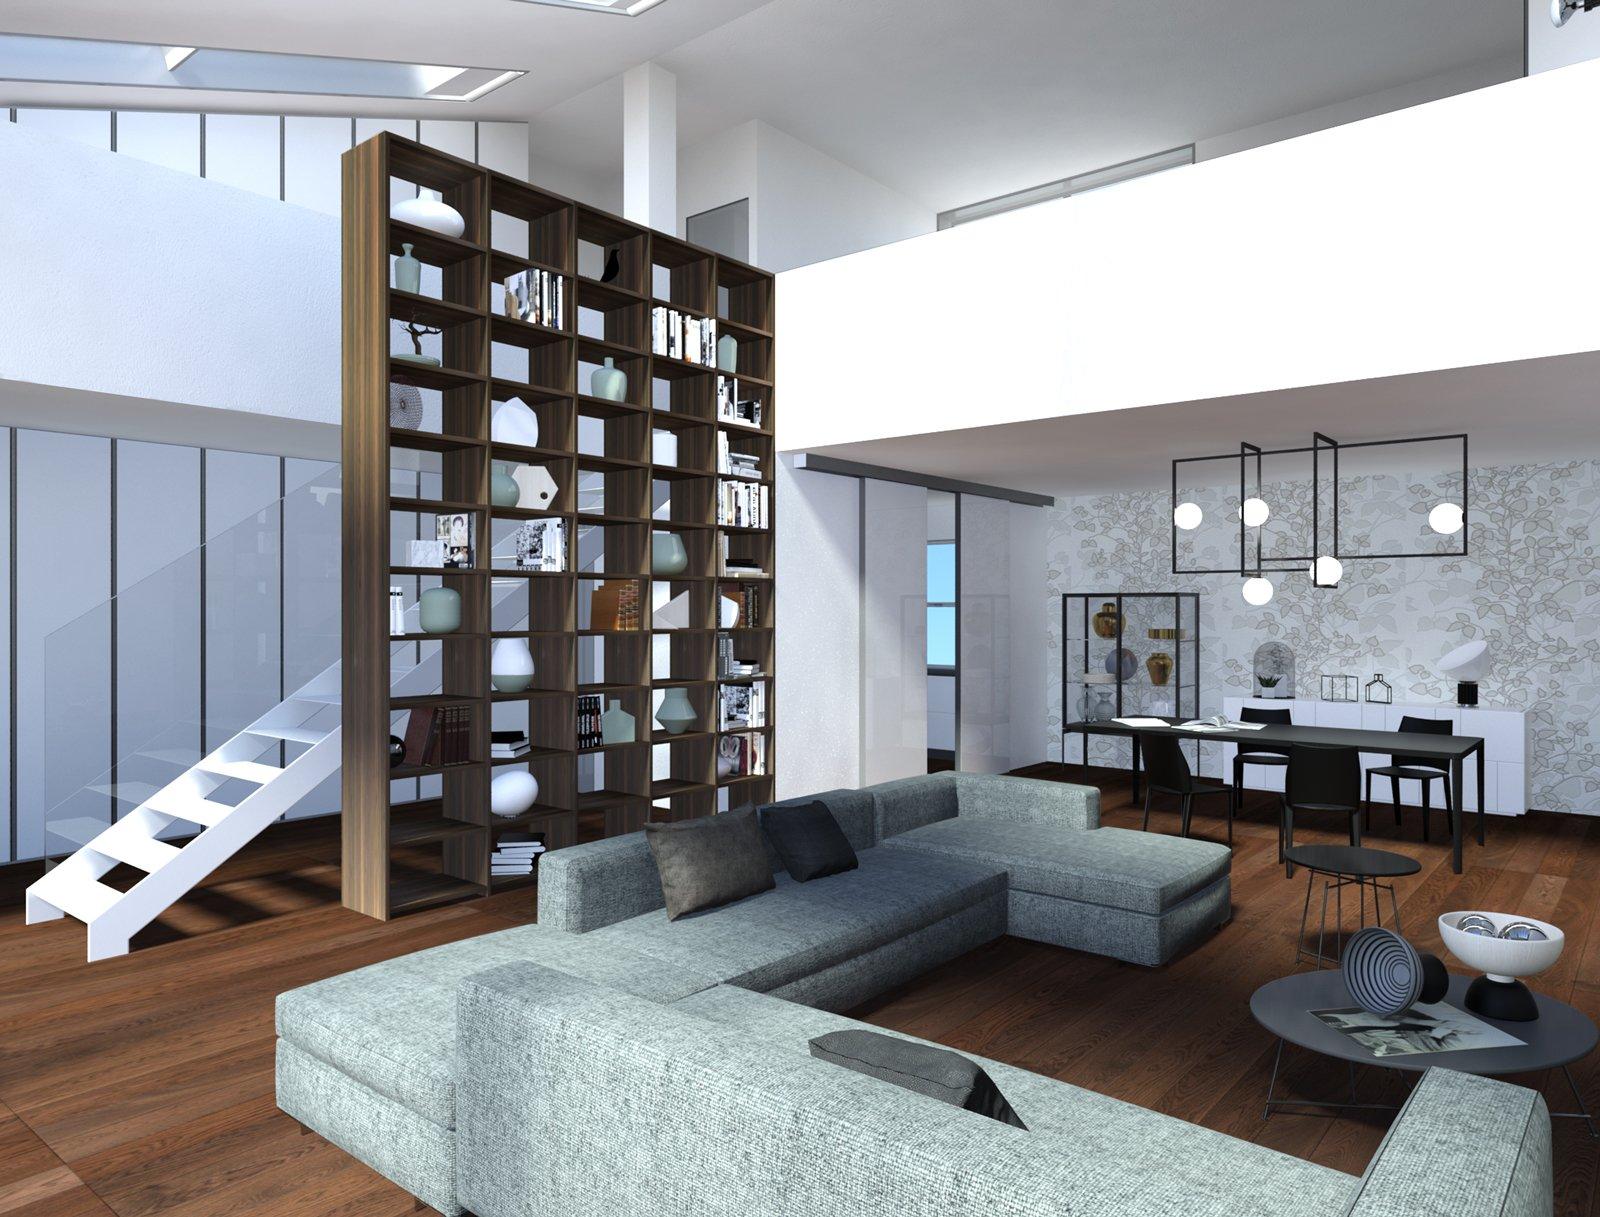 Libreria Bifacciale A Soffitto sfruttare l'altezza con gli arredi giusti: progetto di